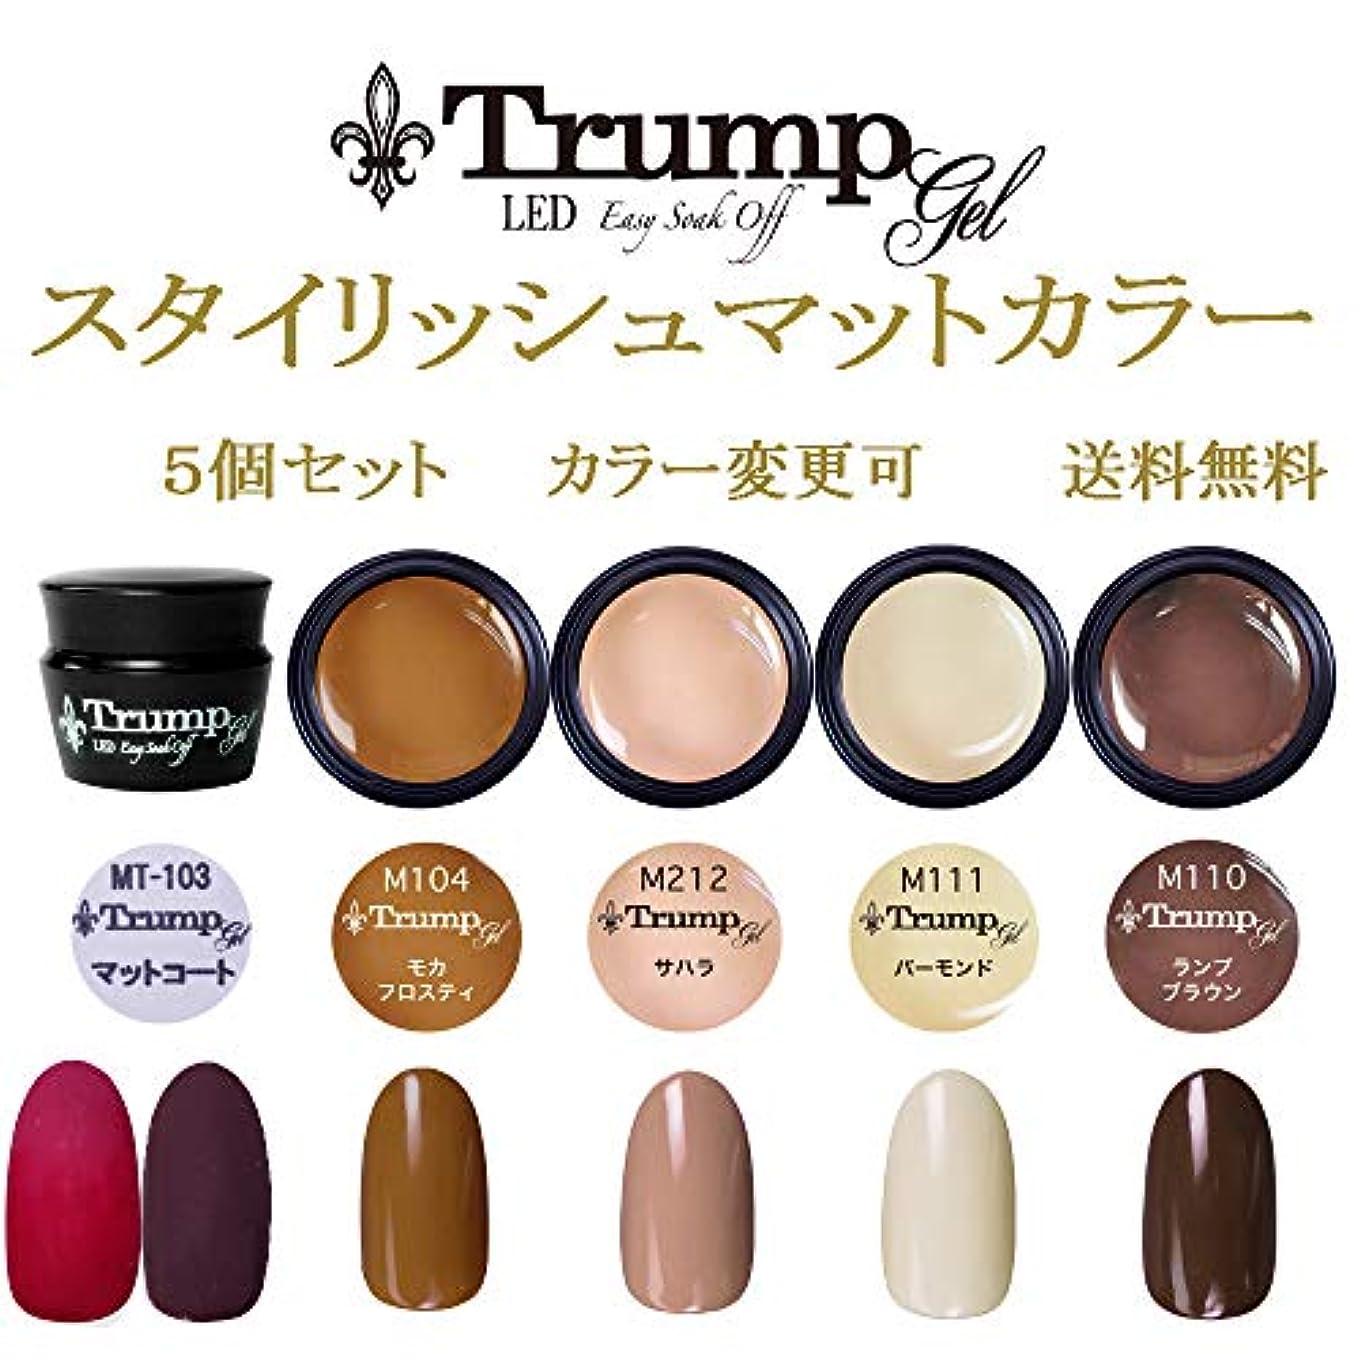 浅いコメント乱暴な【送料無料】日本製 Trump gel トランプジェル スタイリッシュマットカラージェル5個セット 5個セット マットカラー ベージュ ブラウン マスタード カラー